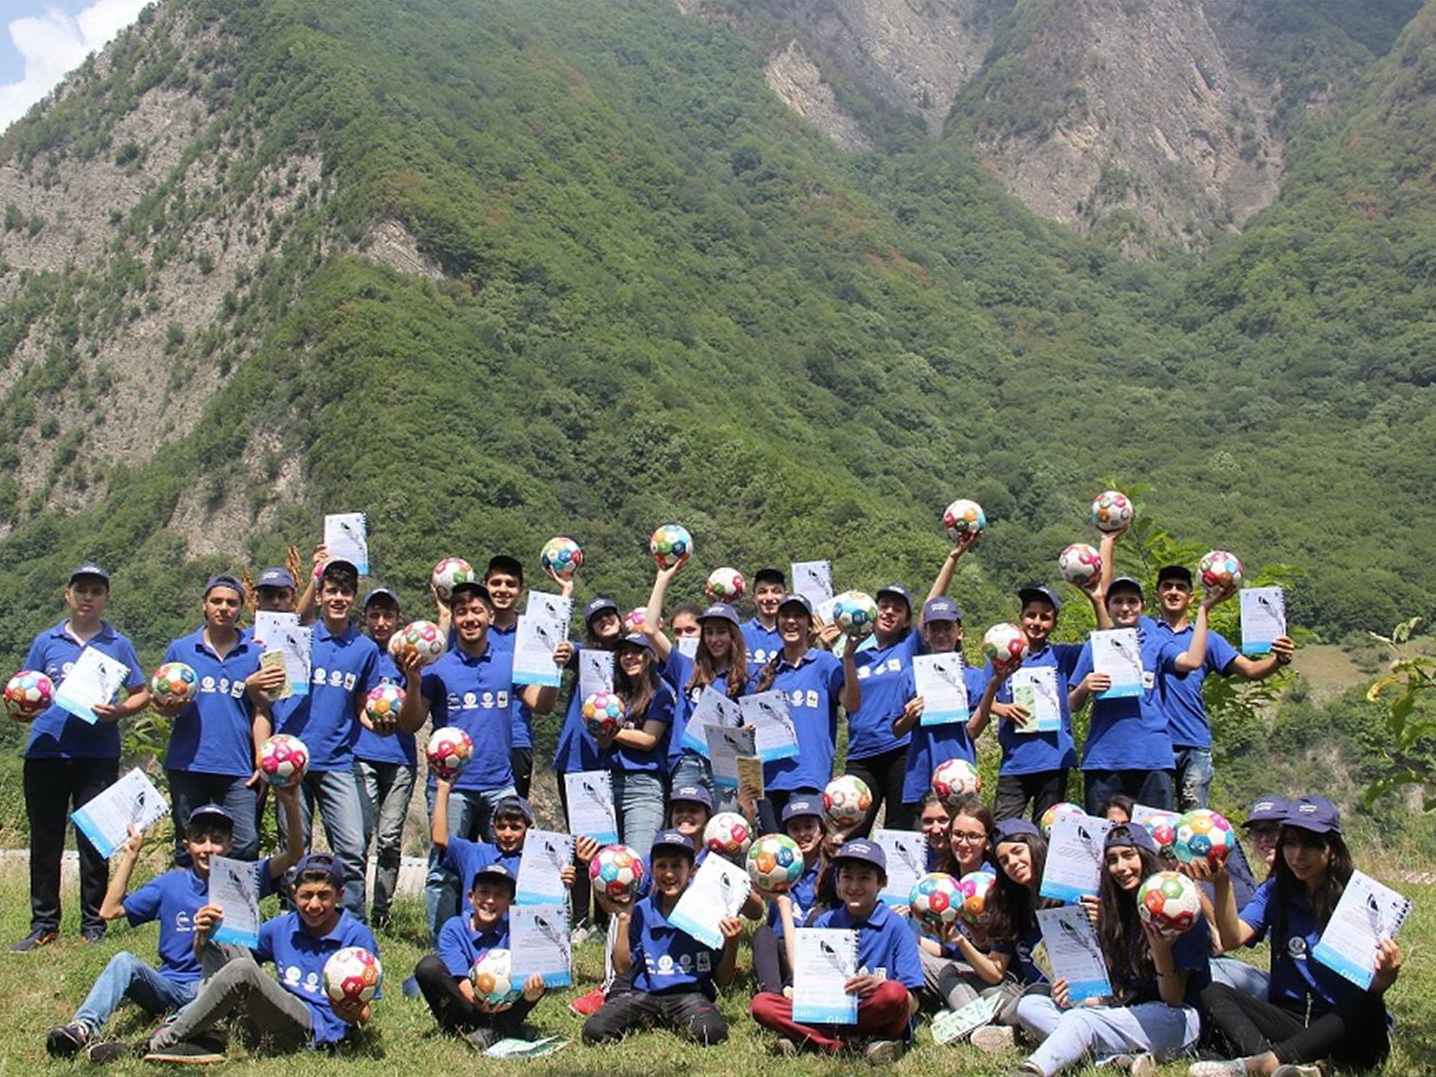 В Азербайджане завершился экологический лагерь «Сохраним джейранов!» - ФОТО